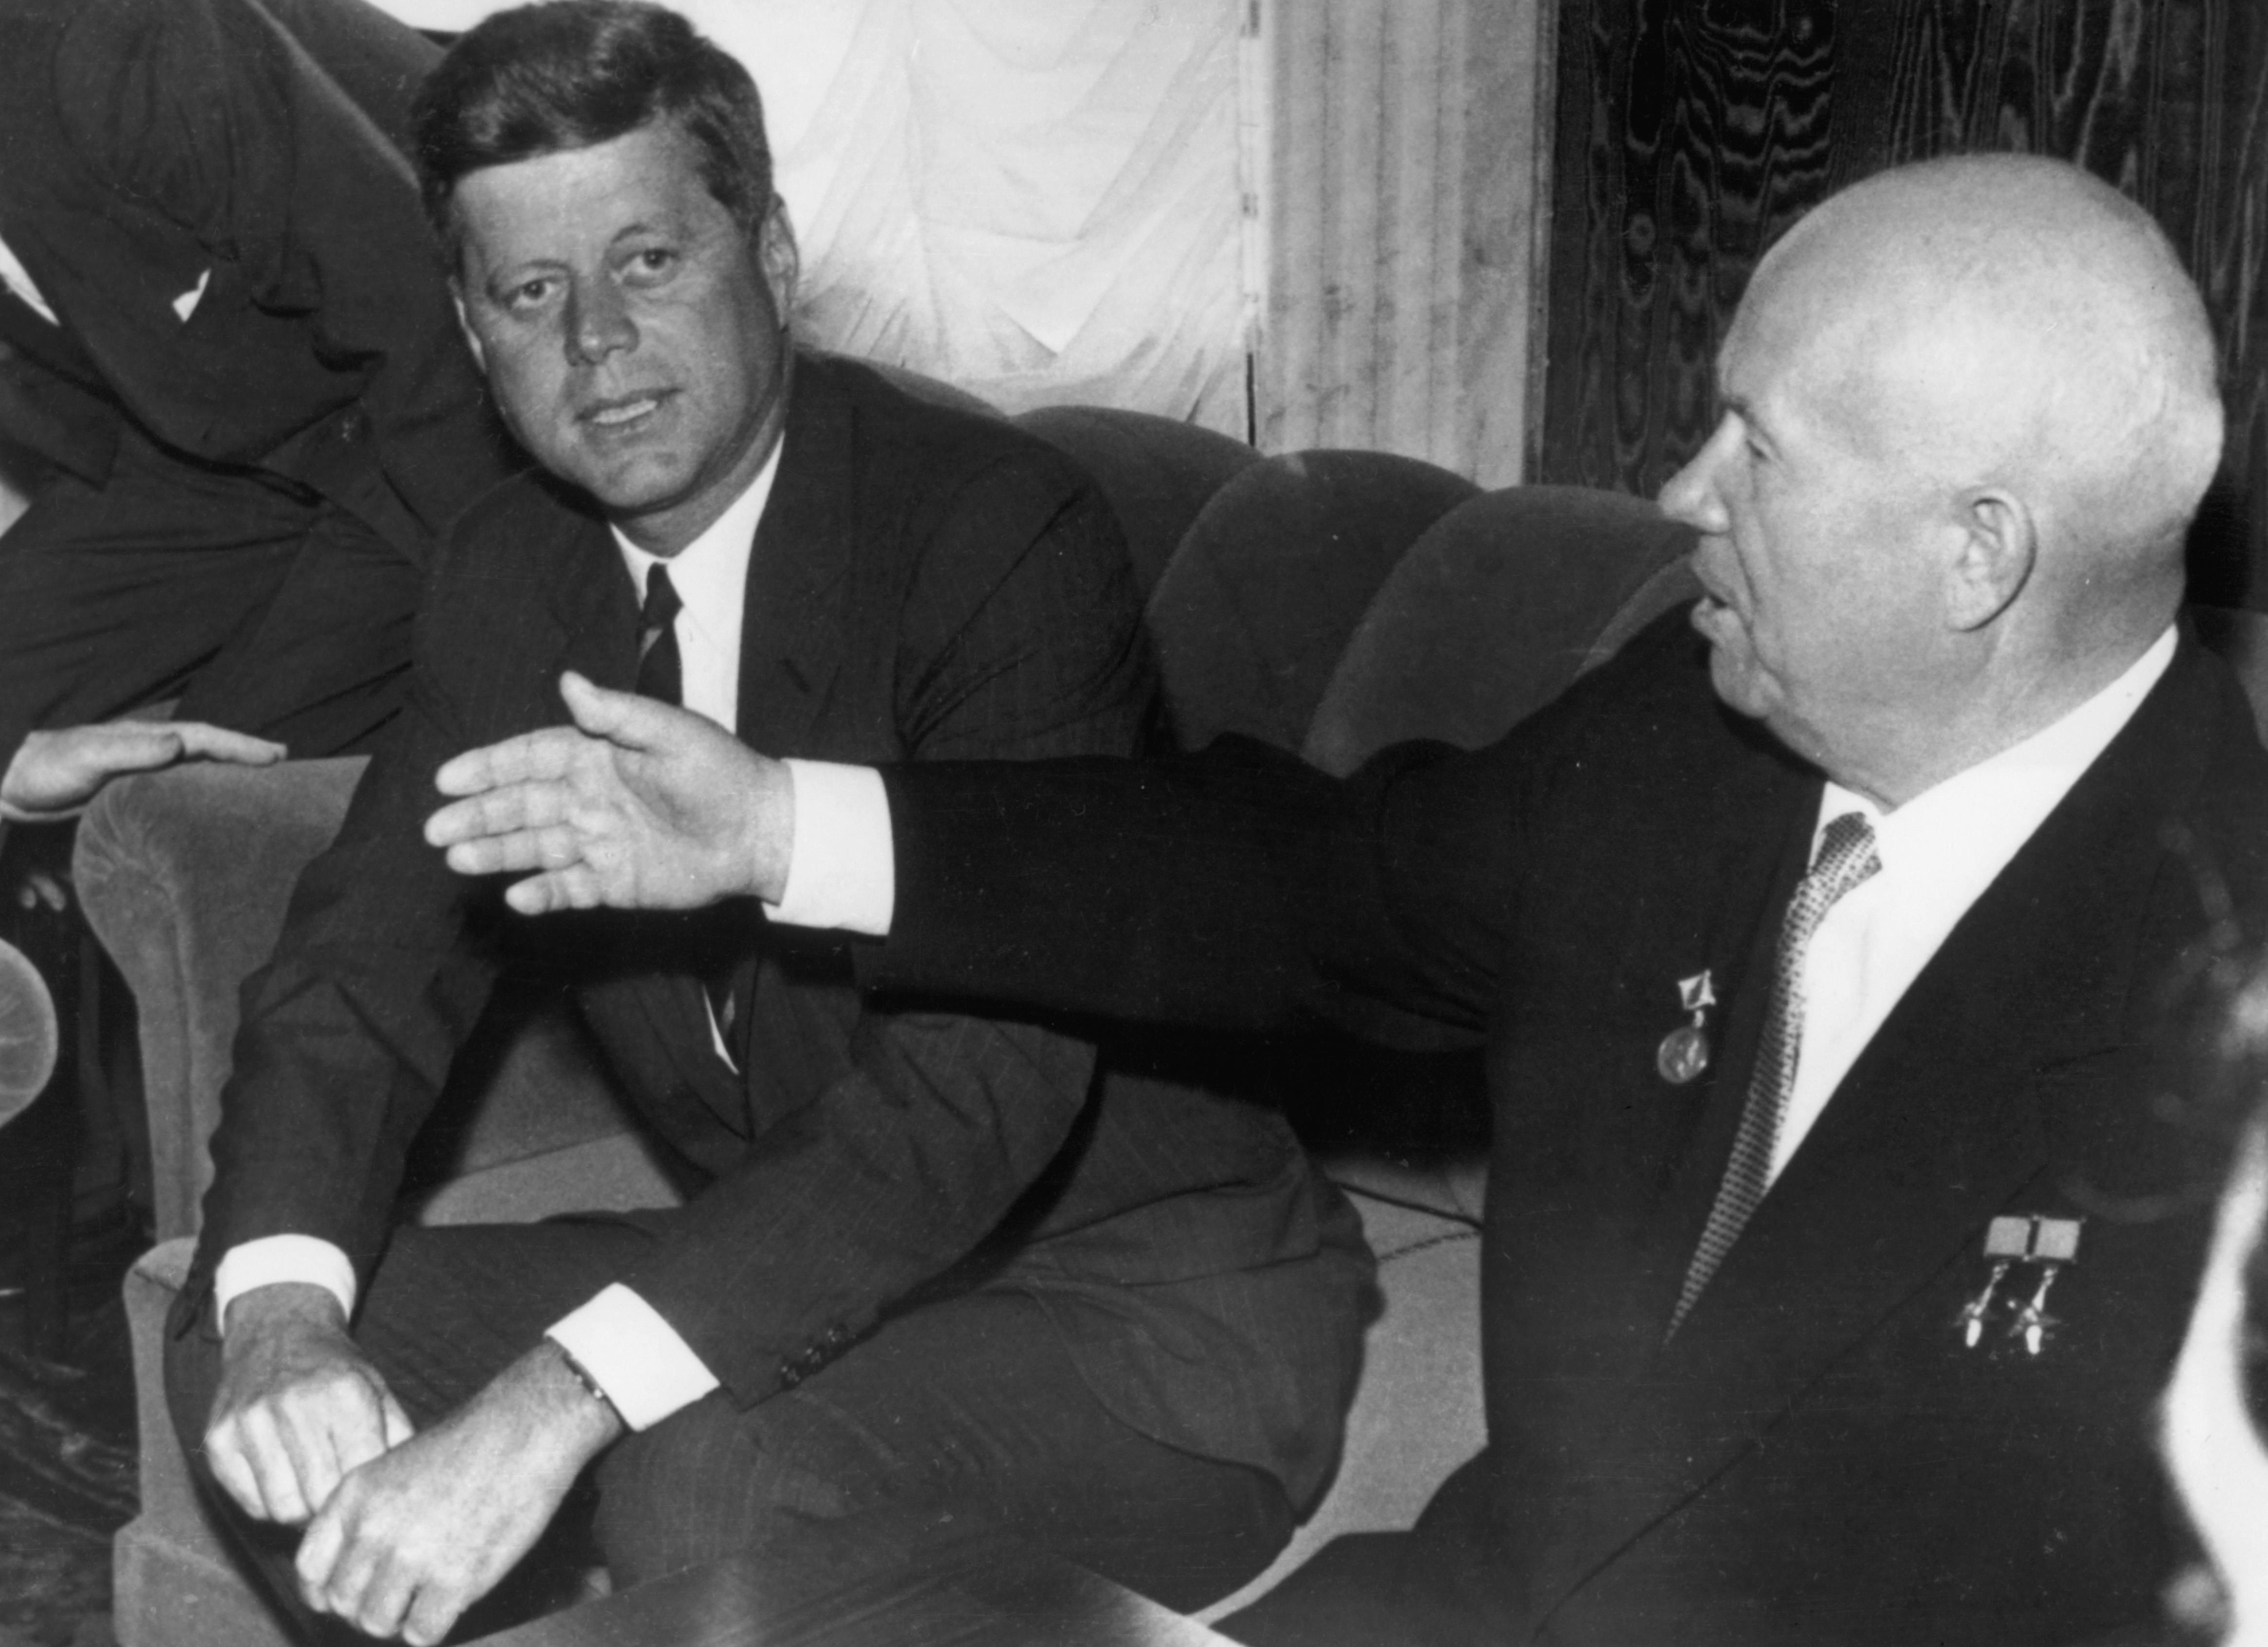 Nikita Khrushchev and John F. Kennedy